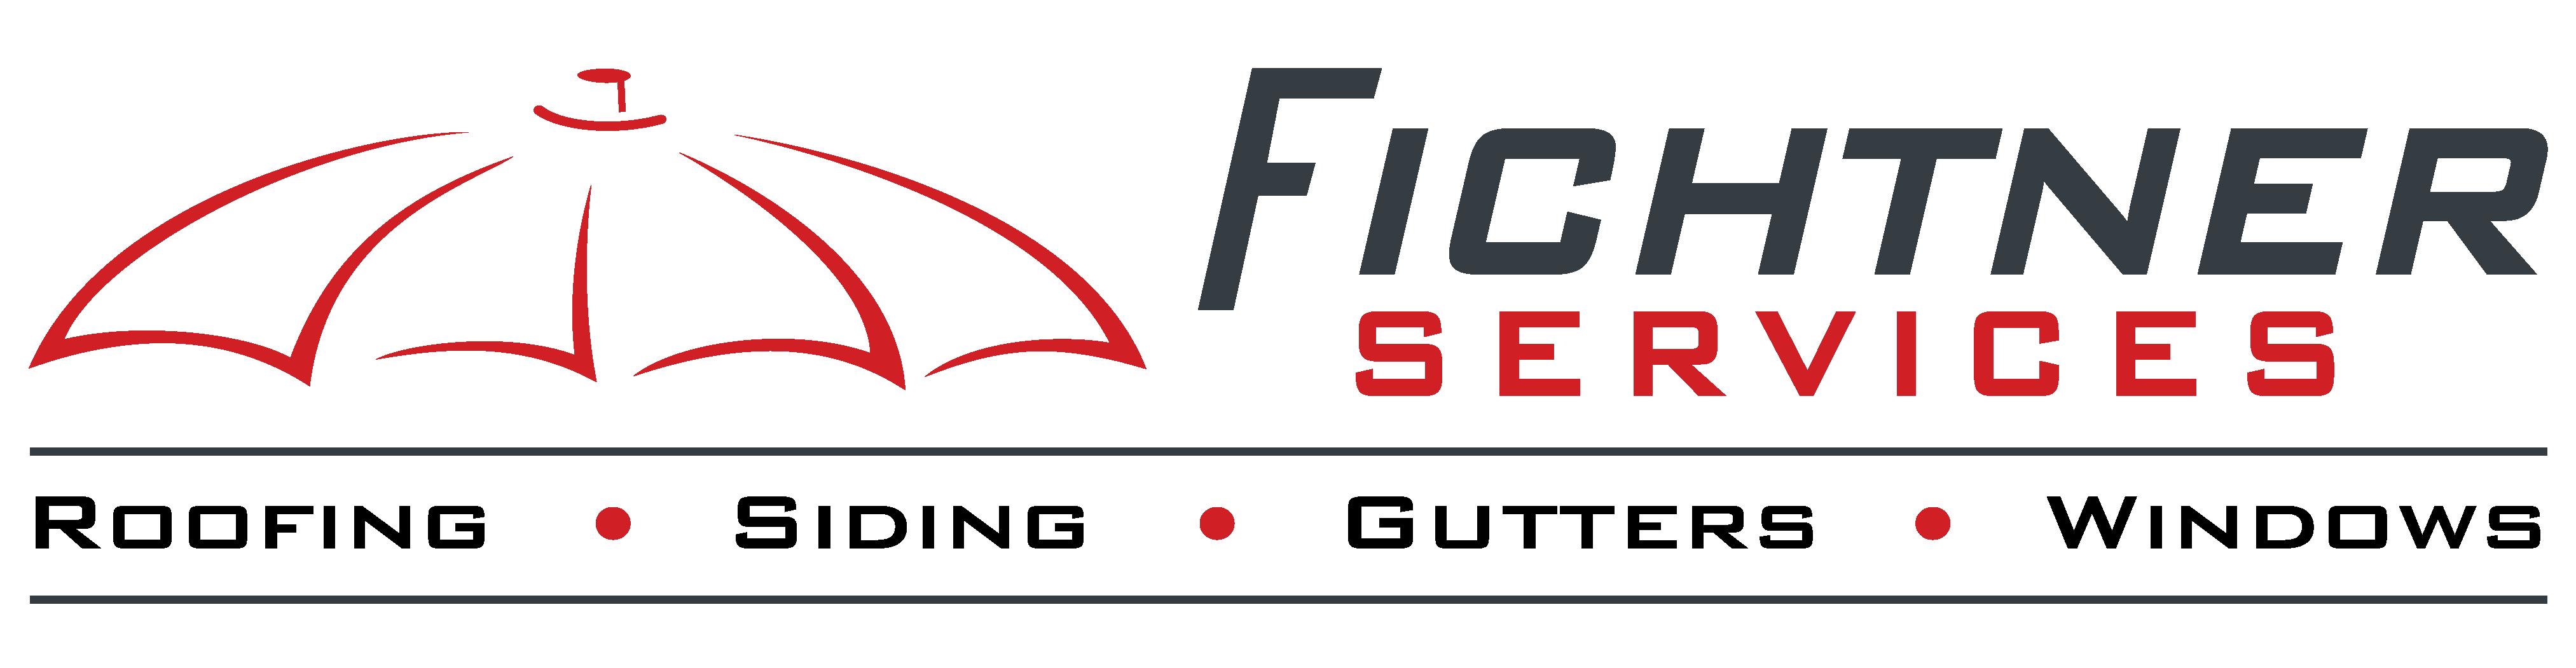 Fichtner Services Logo